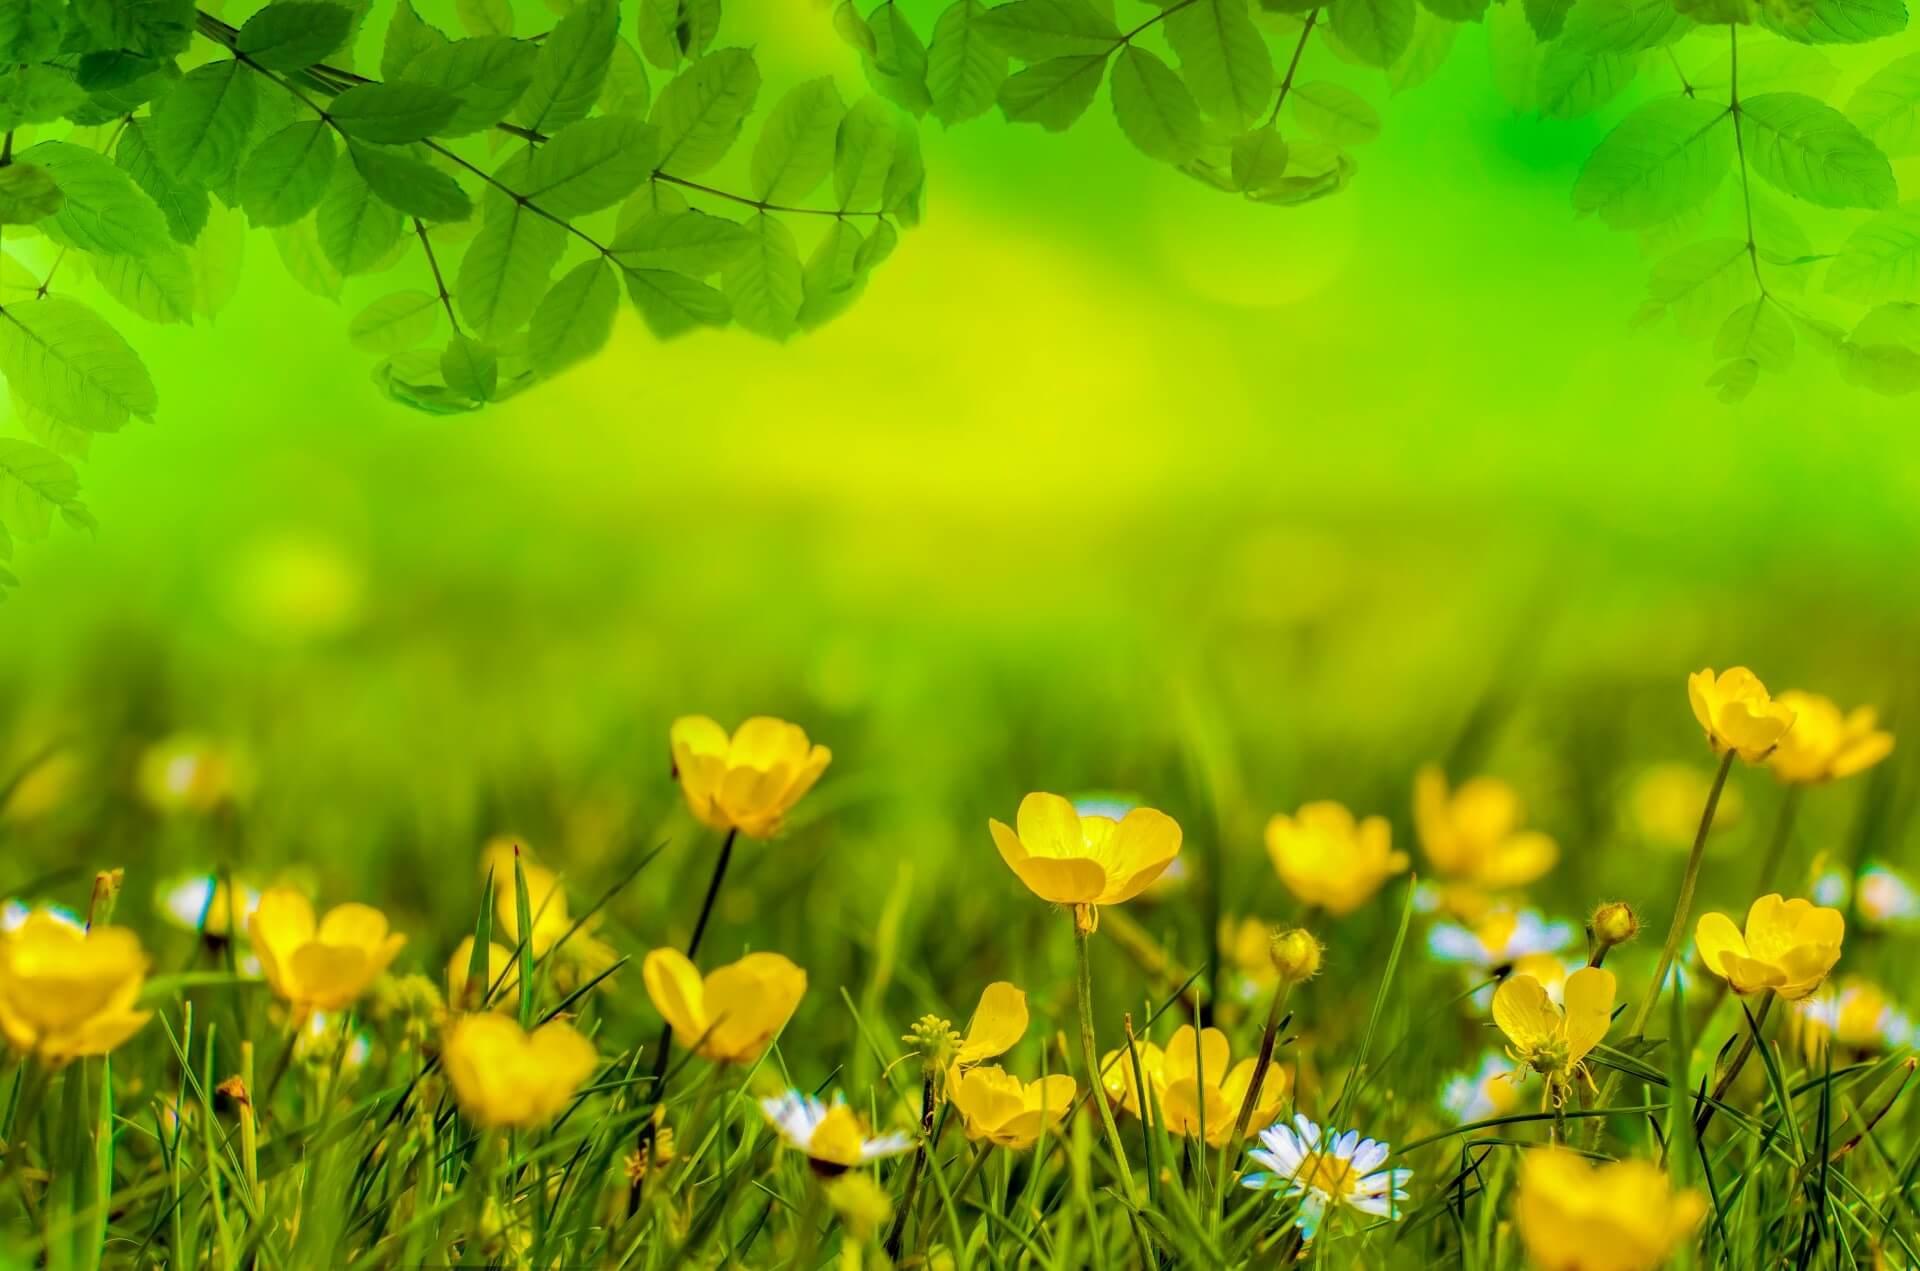 Background nền đẹp với hoa vàng